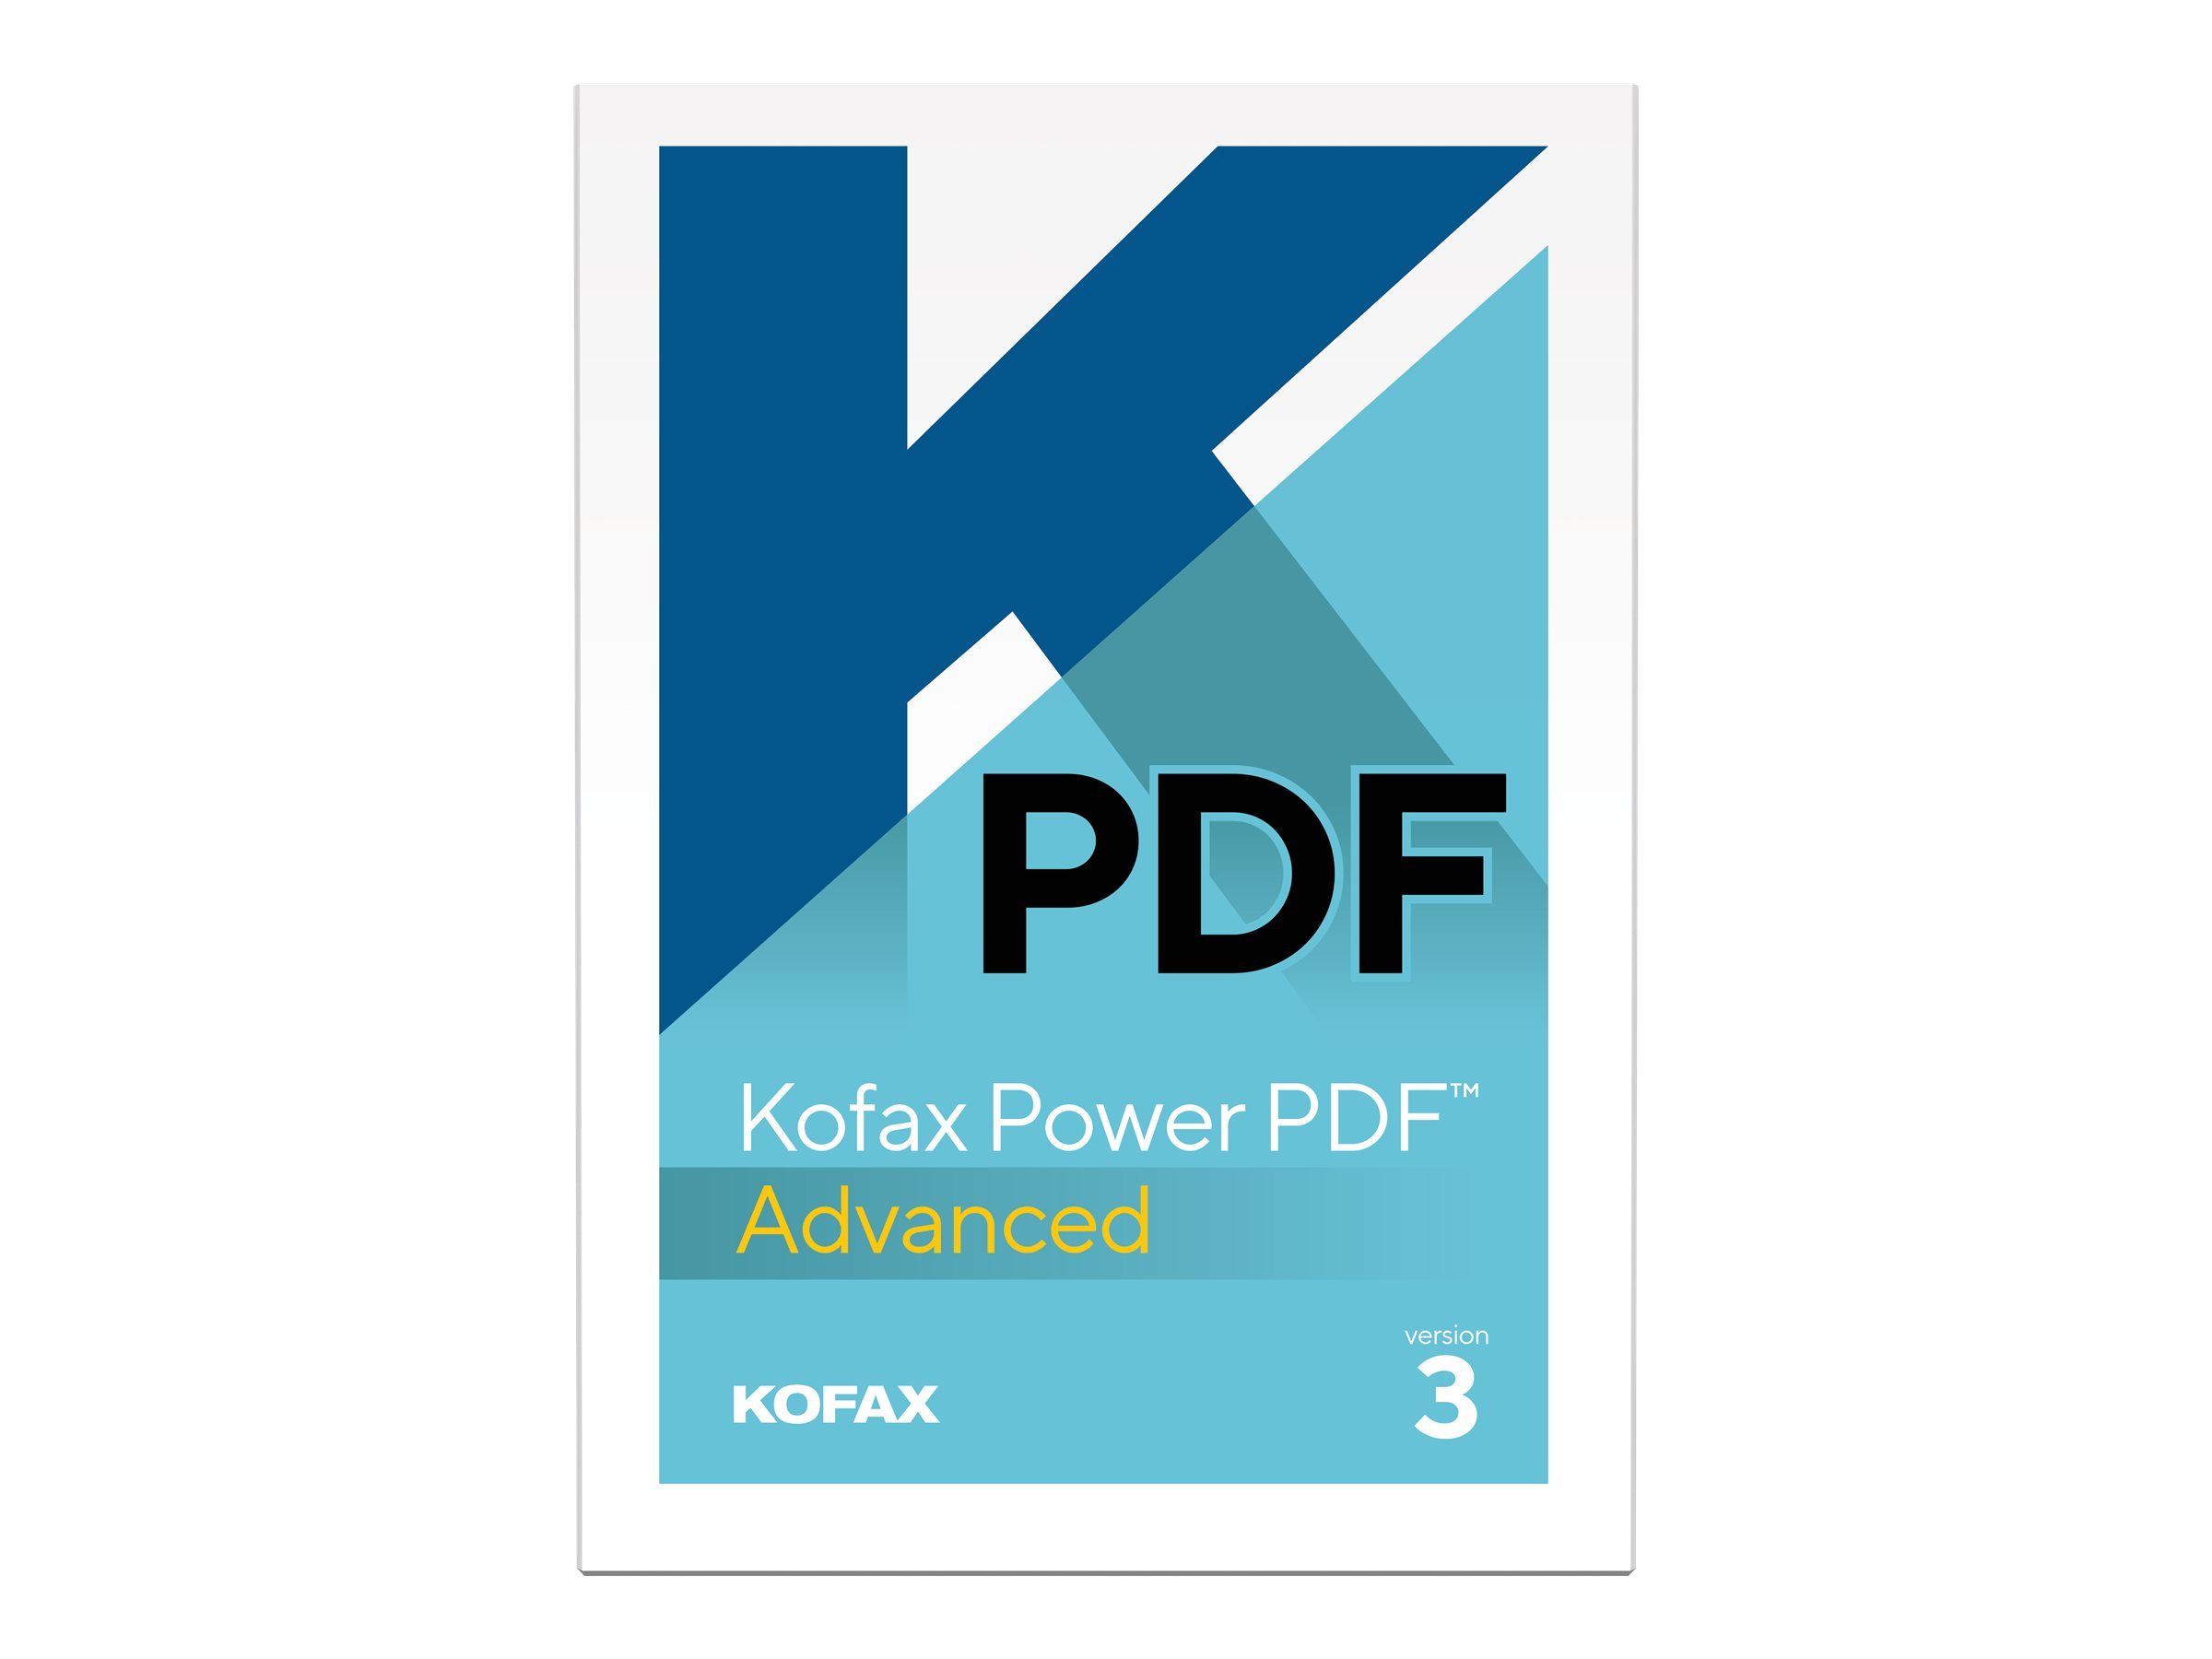 Kofax Power PDF Advanced - (v. 3.0) - Lizenz - 1 Benutzer - Volumen, Loyalität - Stufe B (25-49)